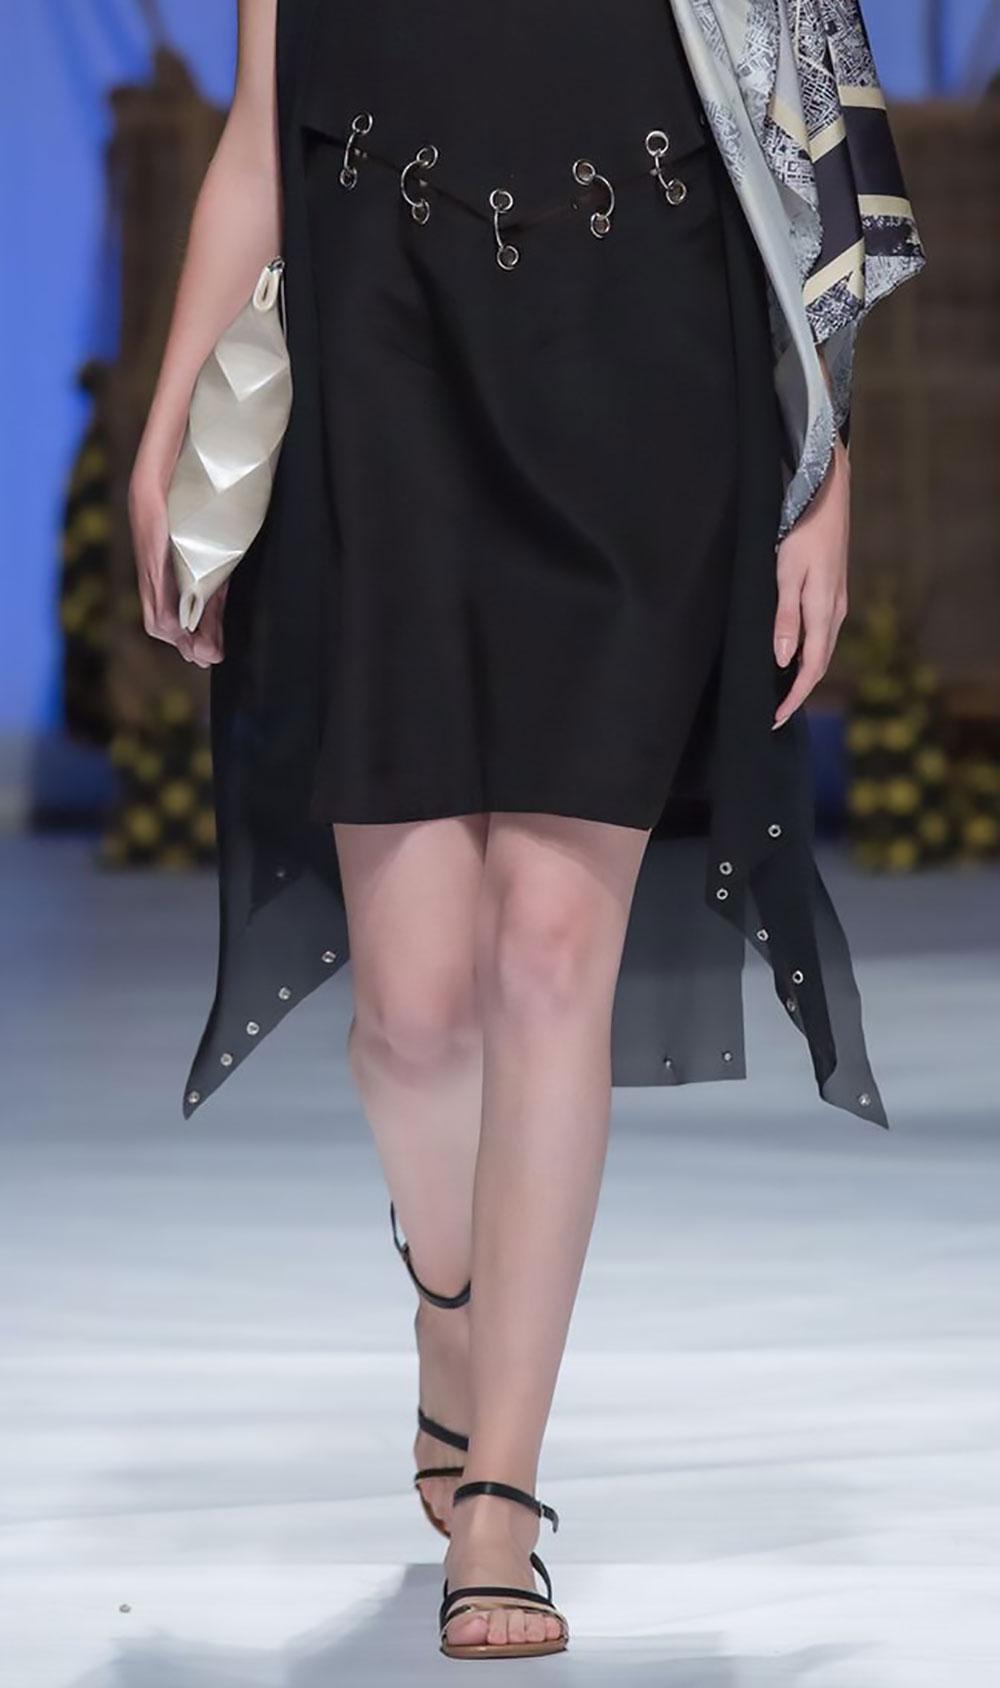 Fuscra Fashion Wooden Accessories